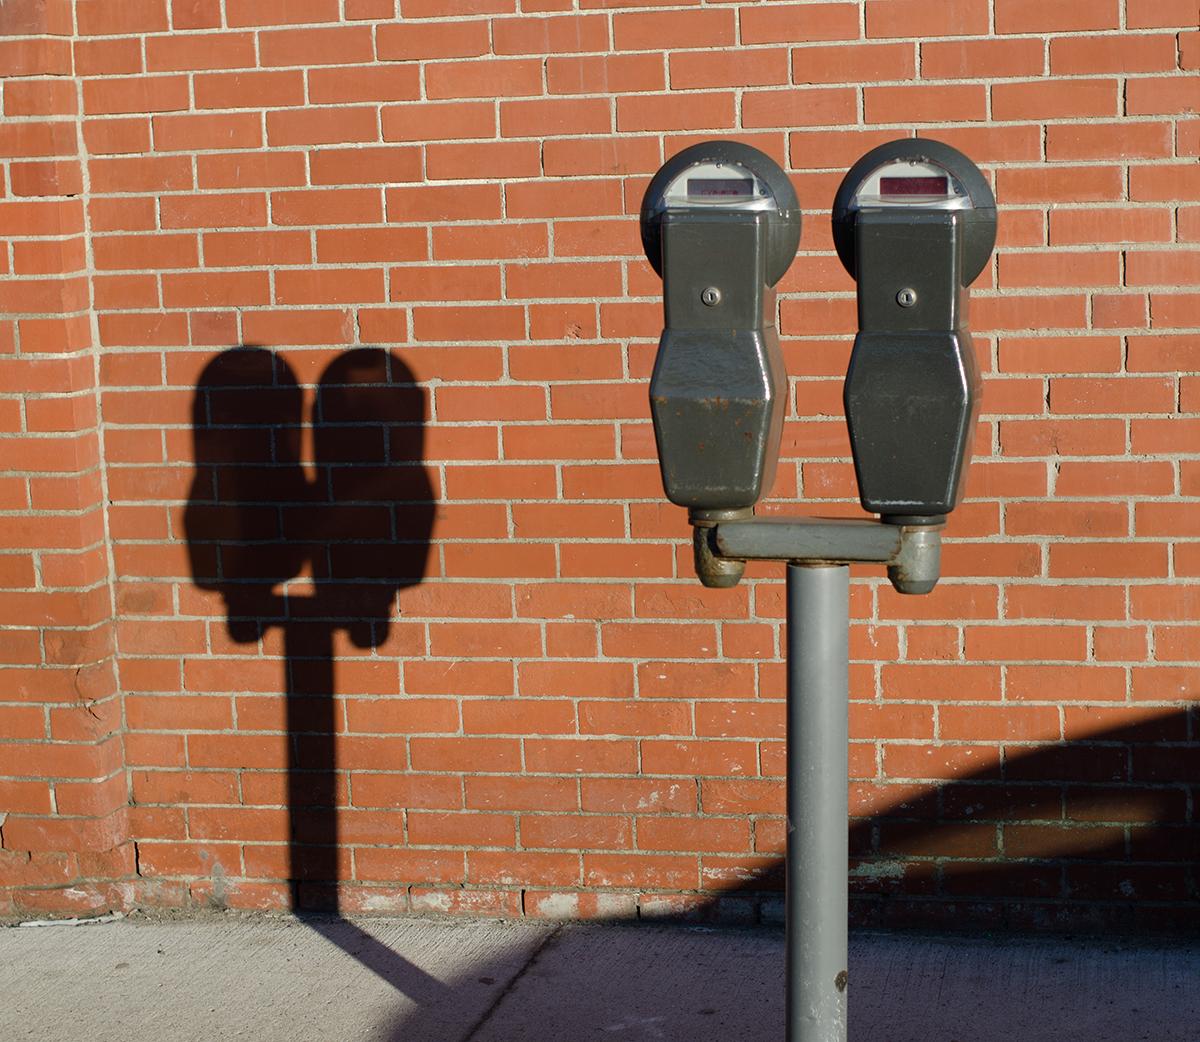 Parking Meters by Tim Pierce via Flickr/Creative Commons